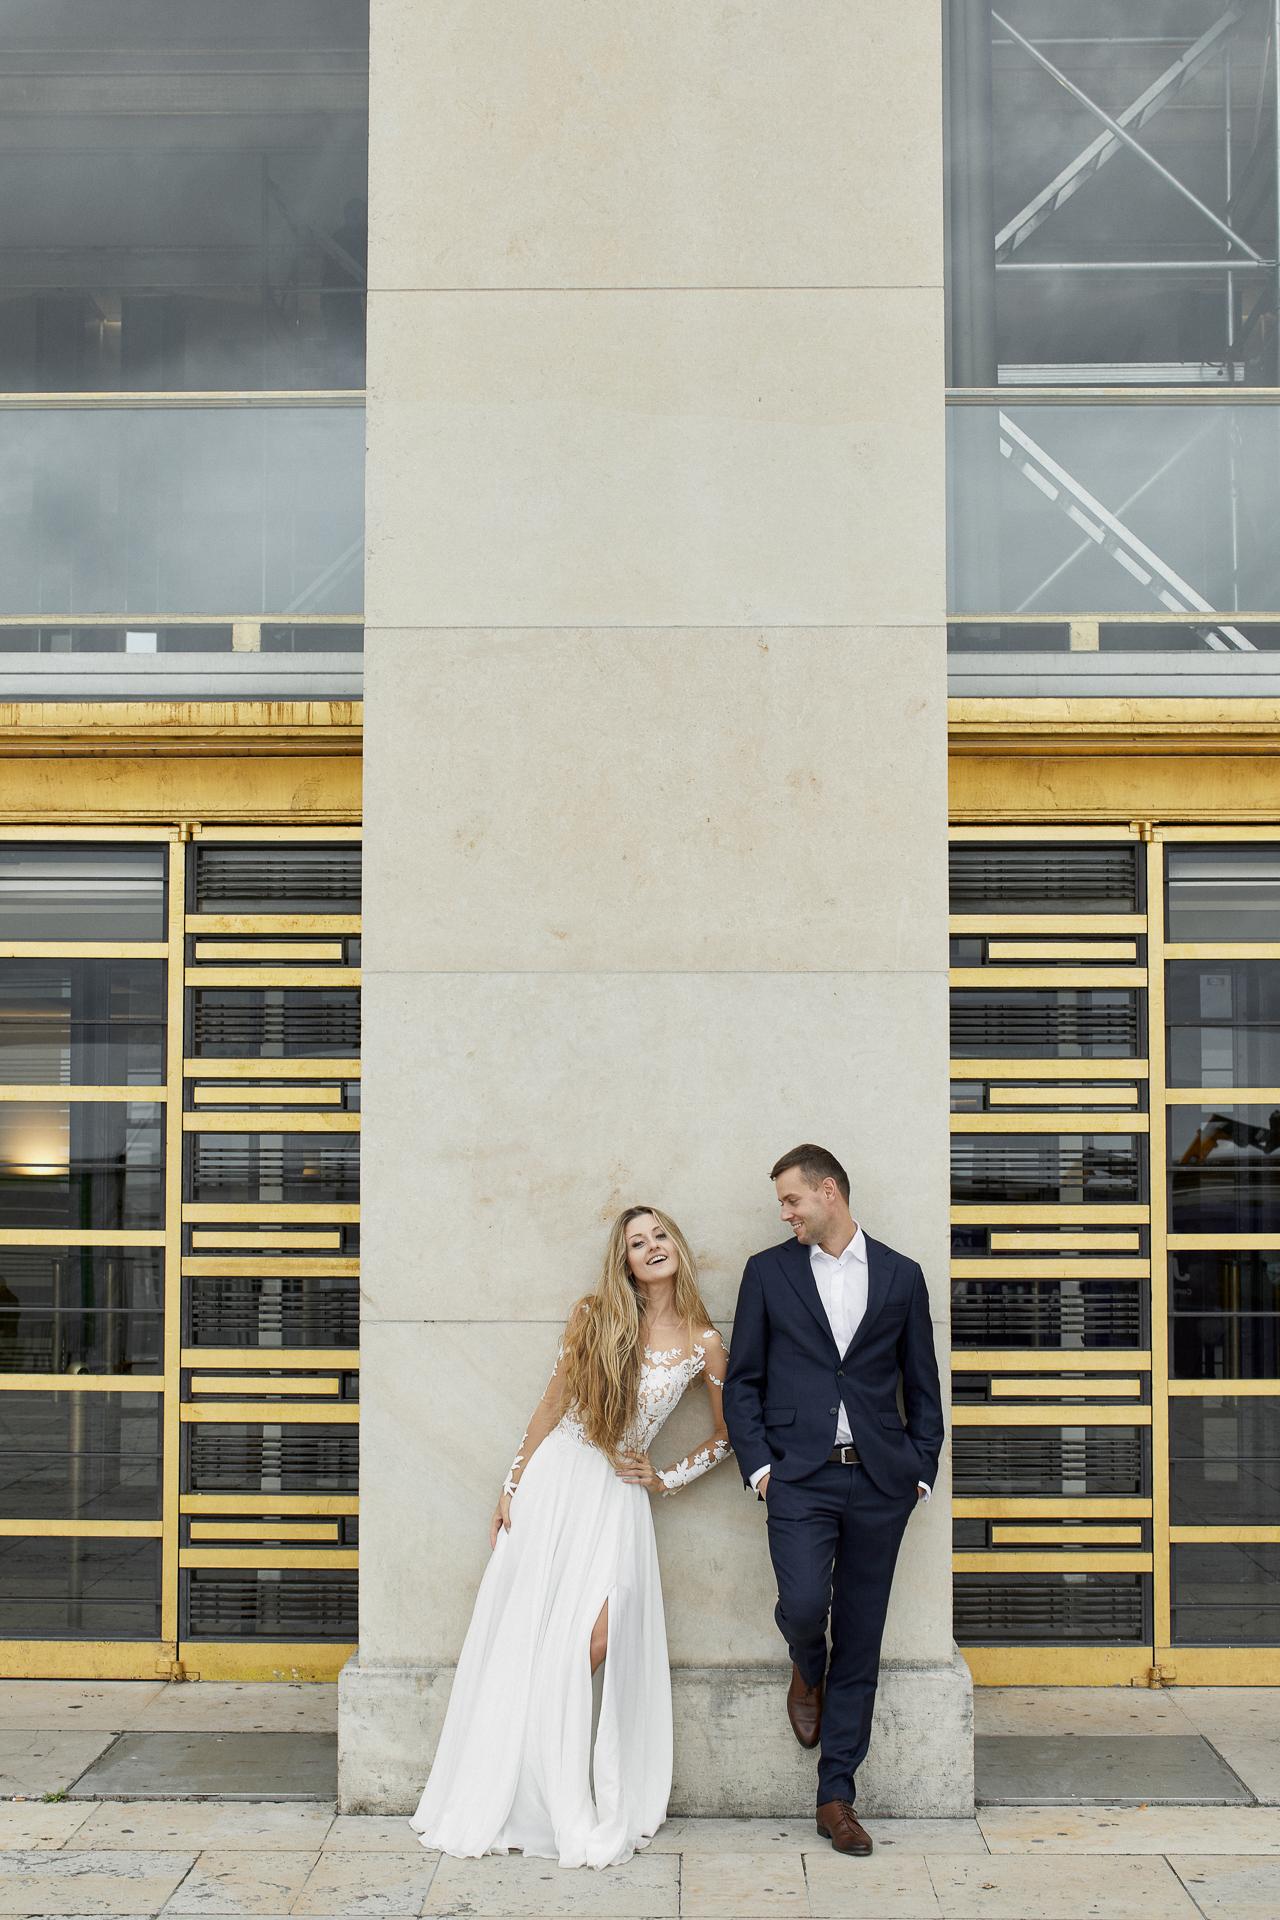 fotografia ślubna w plenerze za granicą